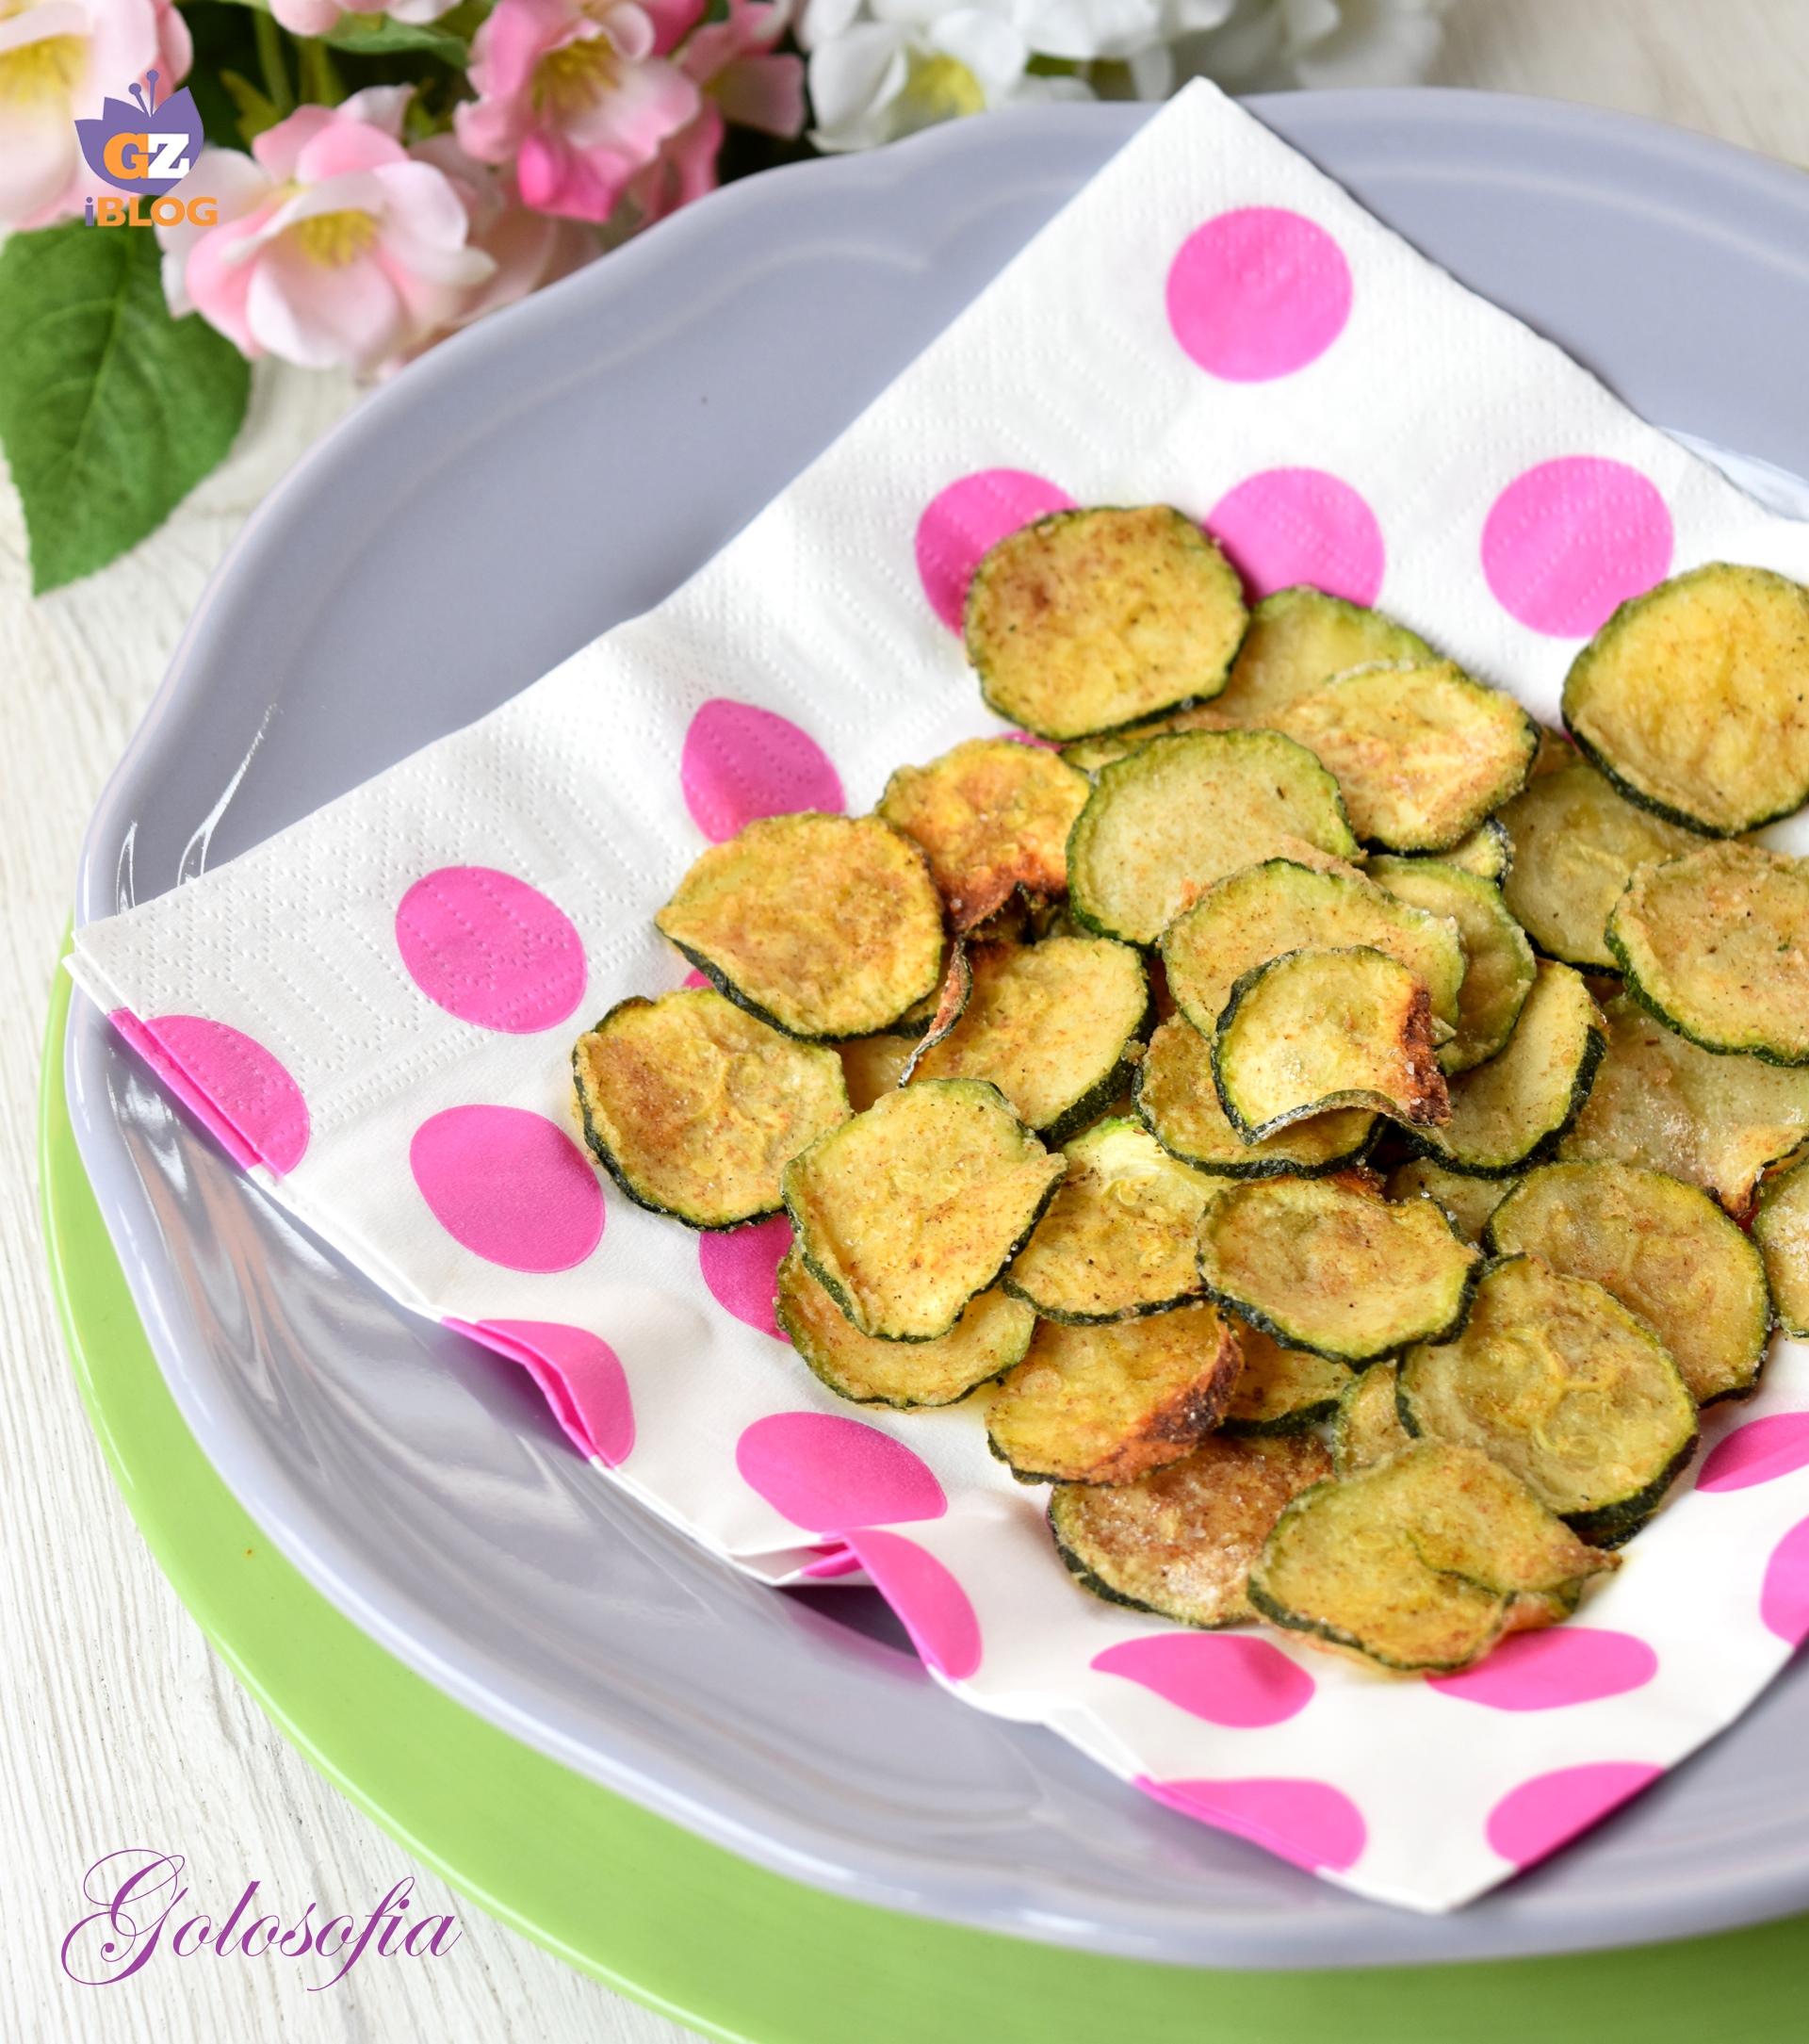 Chips di zucchine al forno-ricetta contorni-golosofia